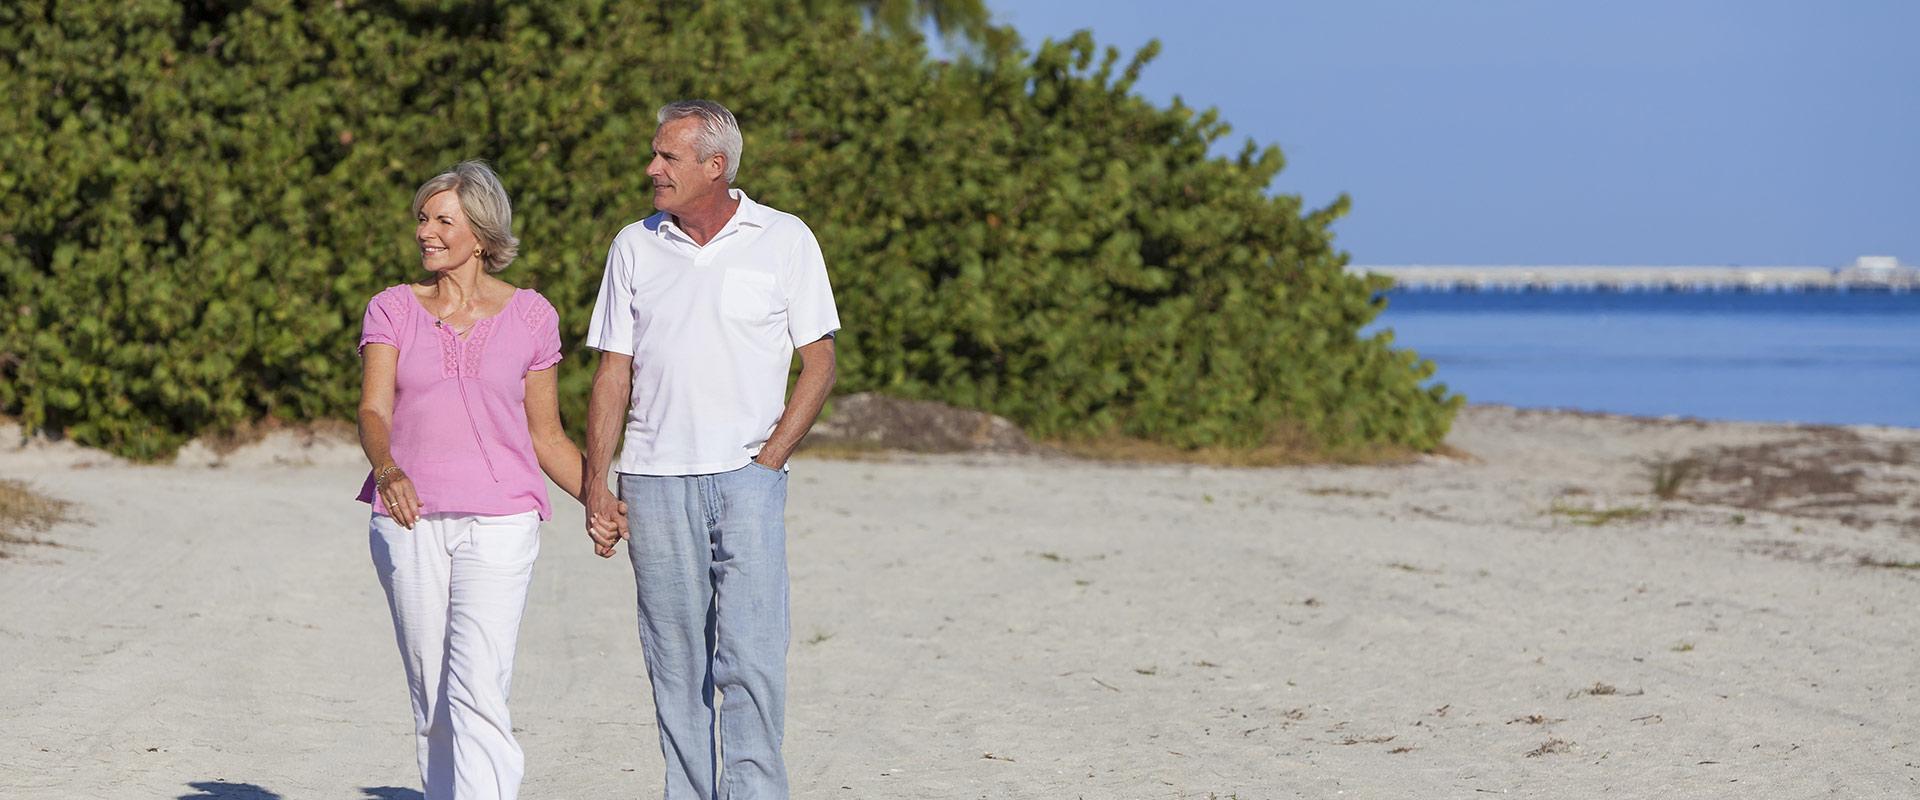 Sofortimplantate für Senioren